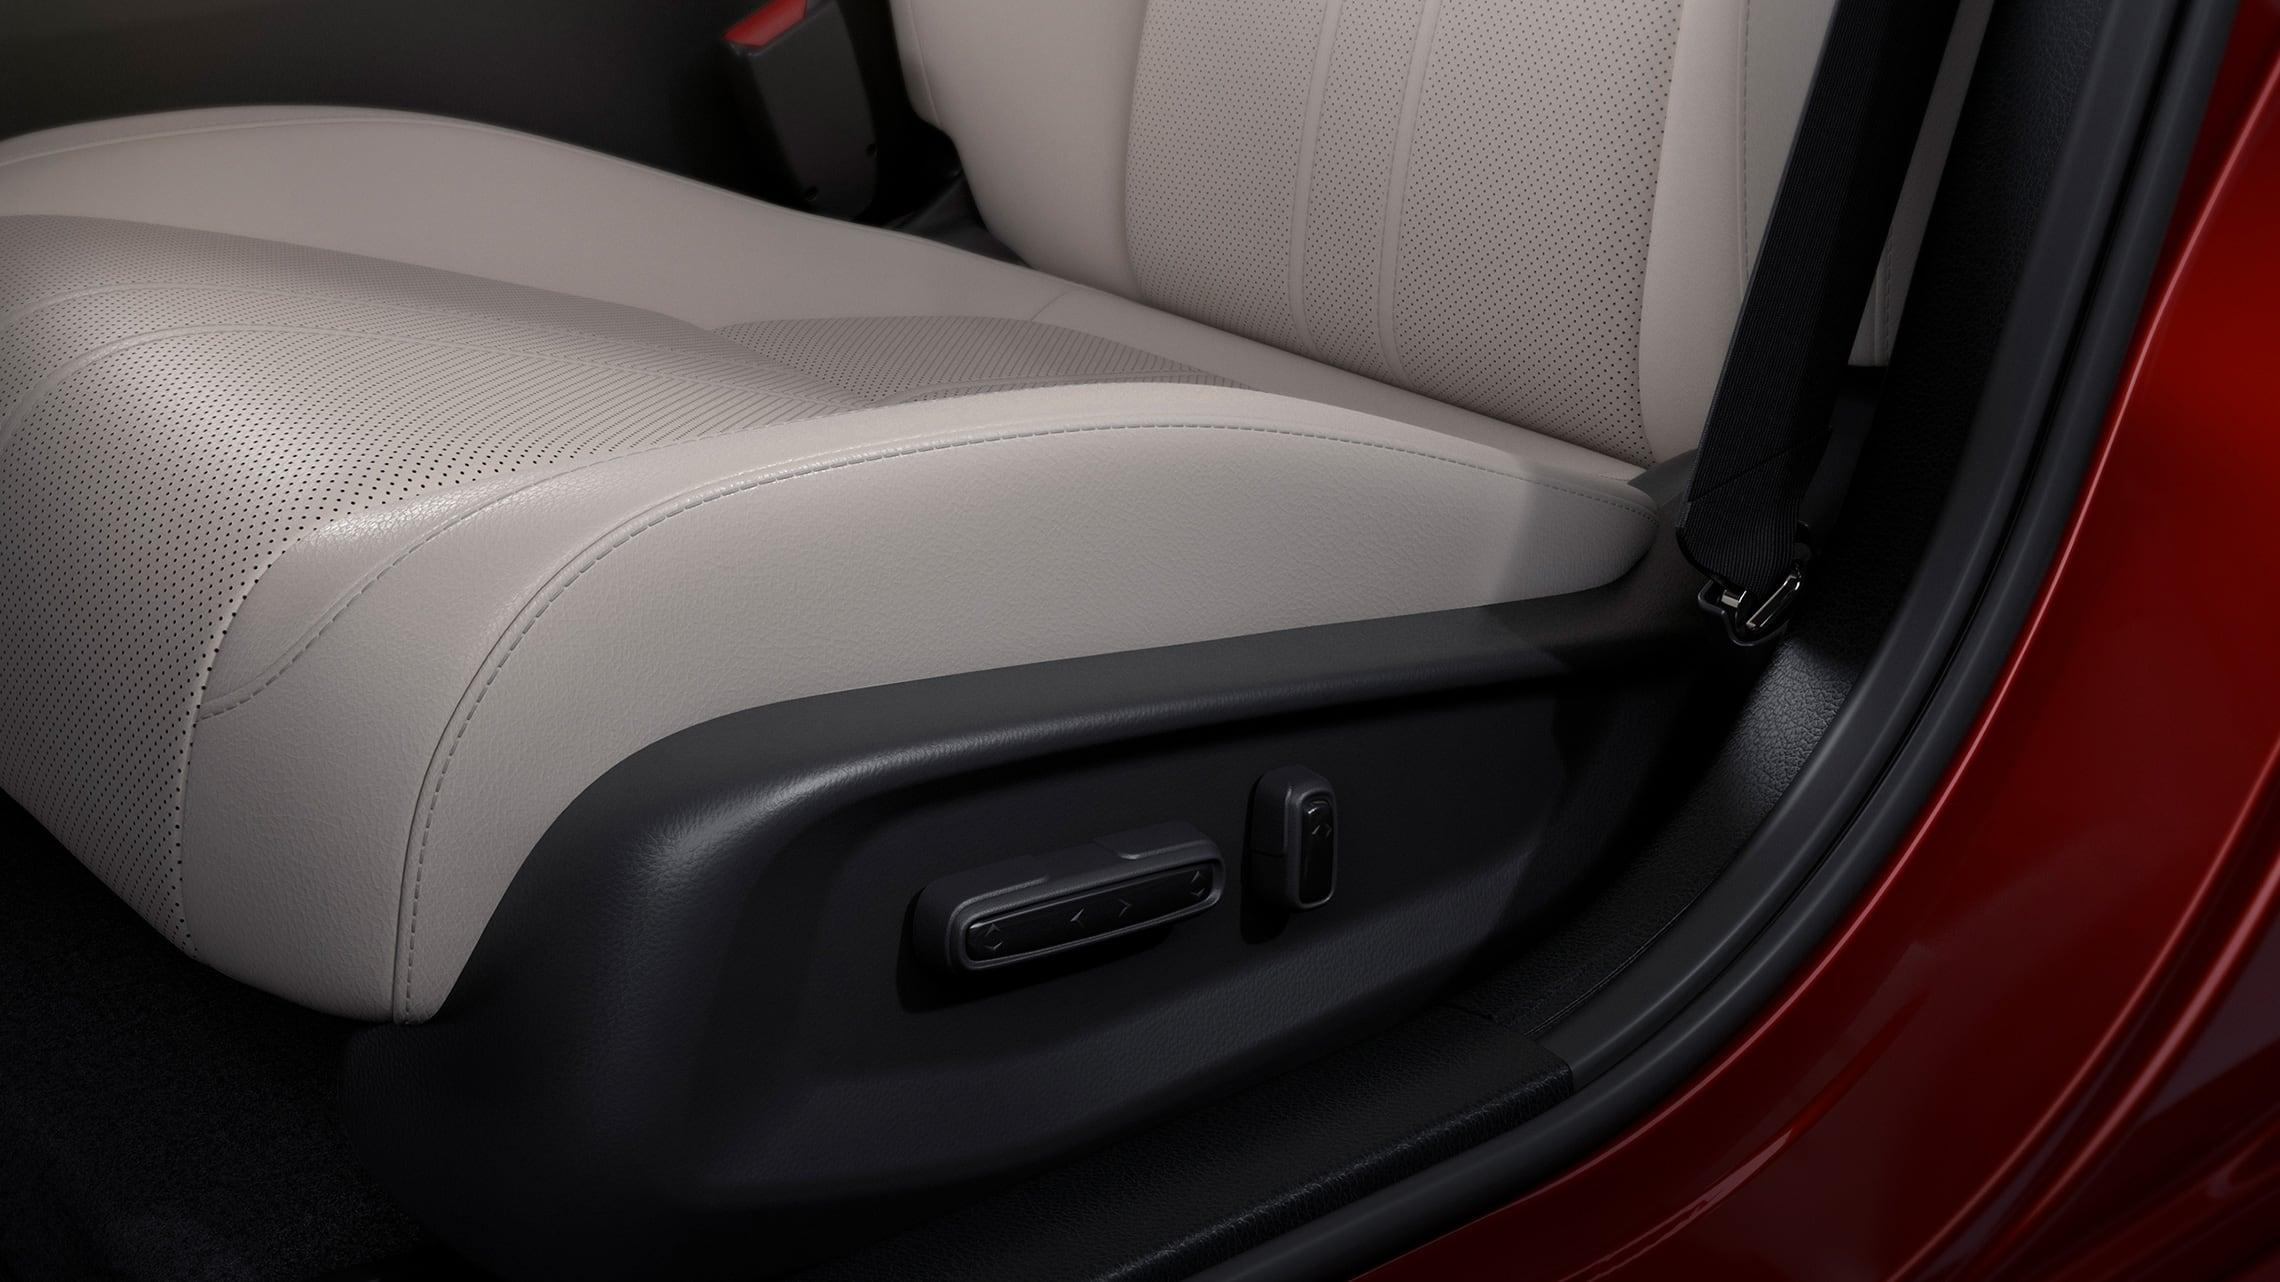 Vista detallada de los controles de ajuste eléctrico de 8posiciones en el Honda Insight Touring2021 con Ivory Leather.